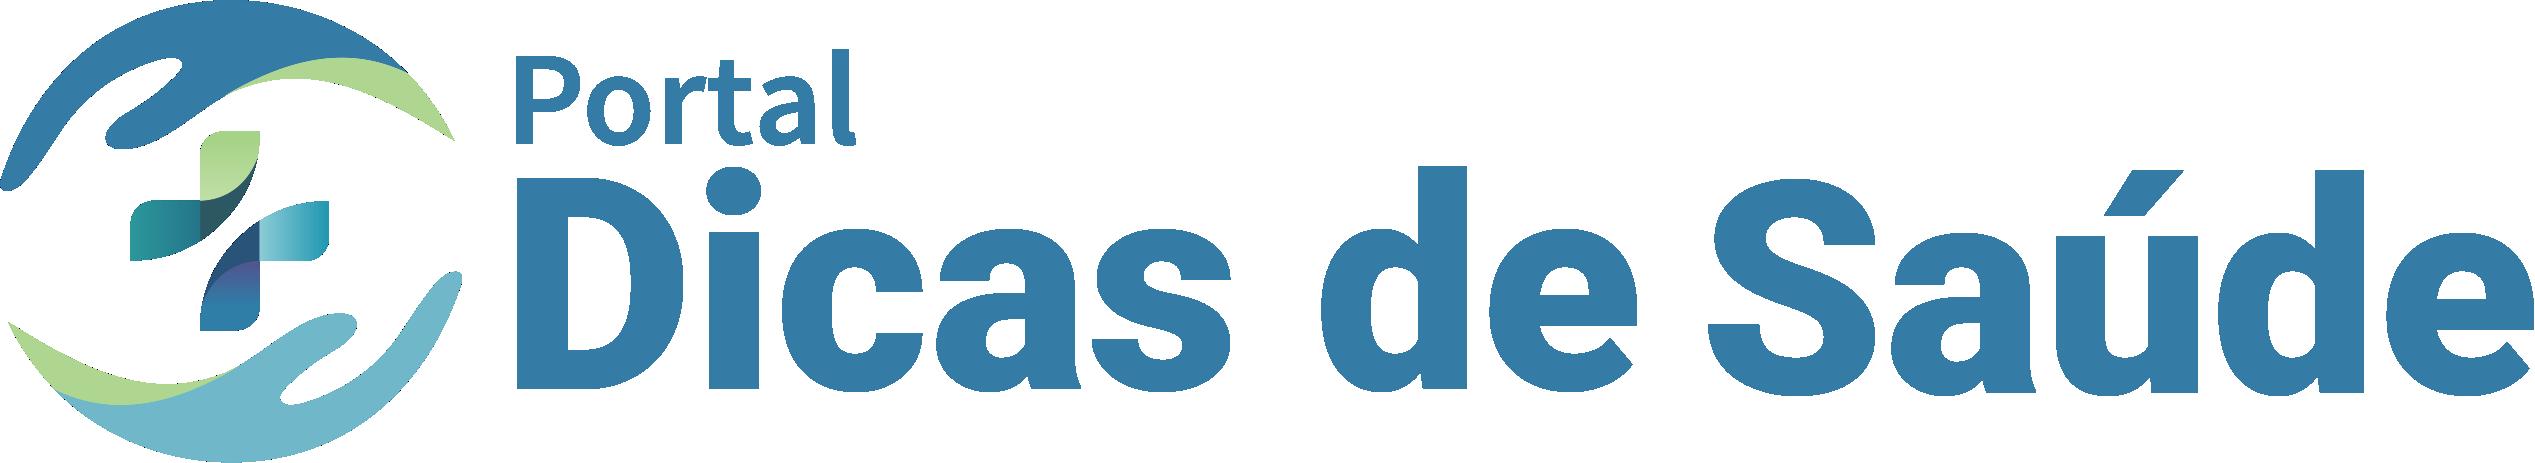 Portal Dicas de Saúde